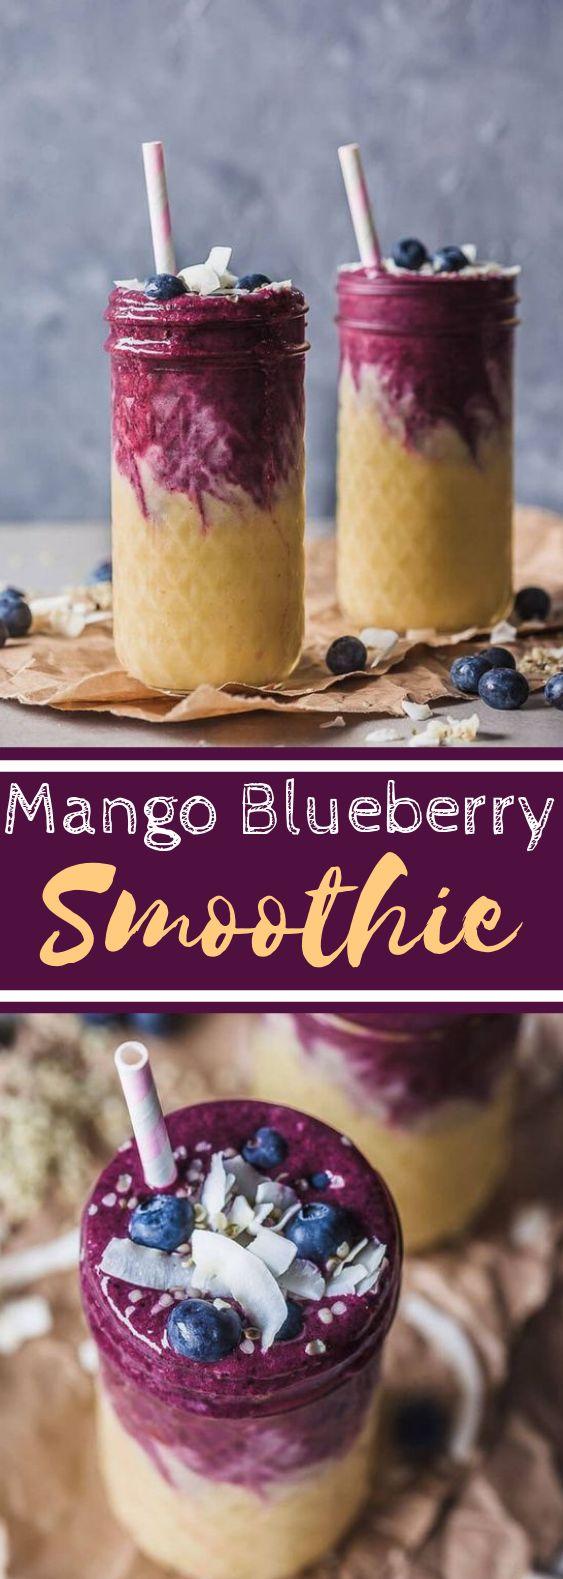 Mango Blueberry Smoothie #smoothies #breakfast